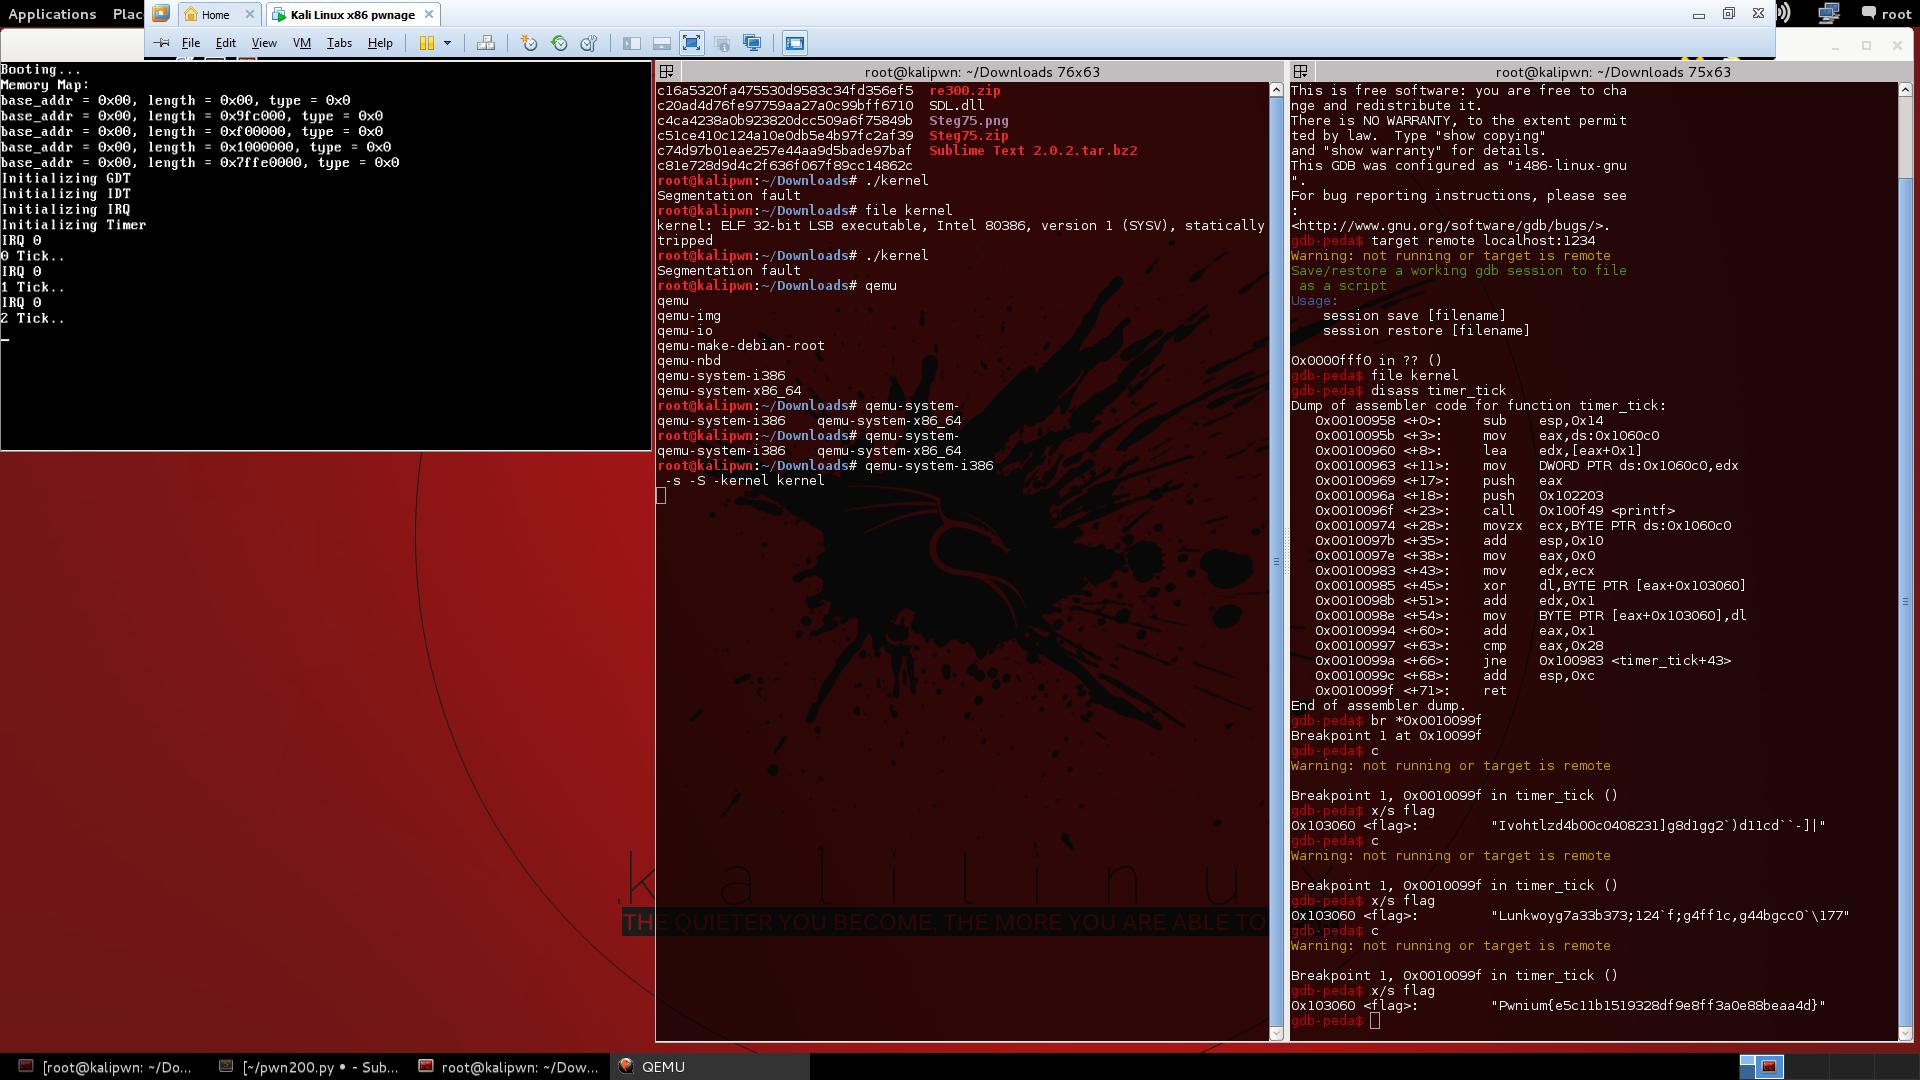 flag-debugging